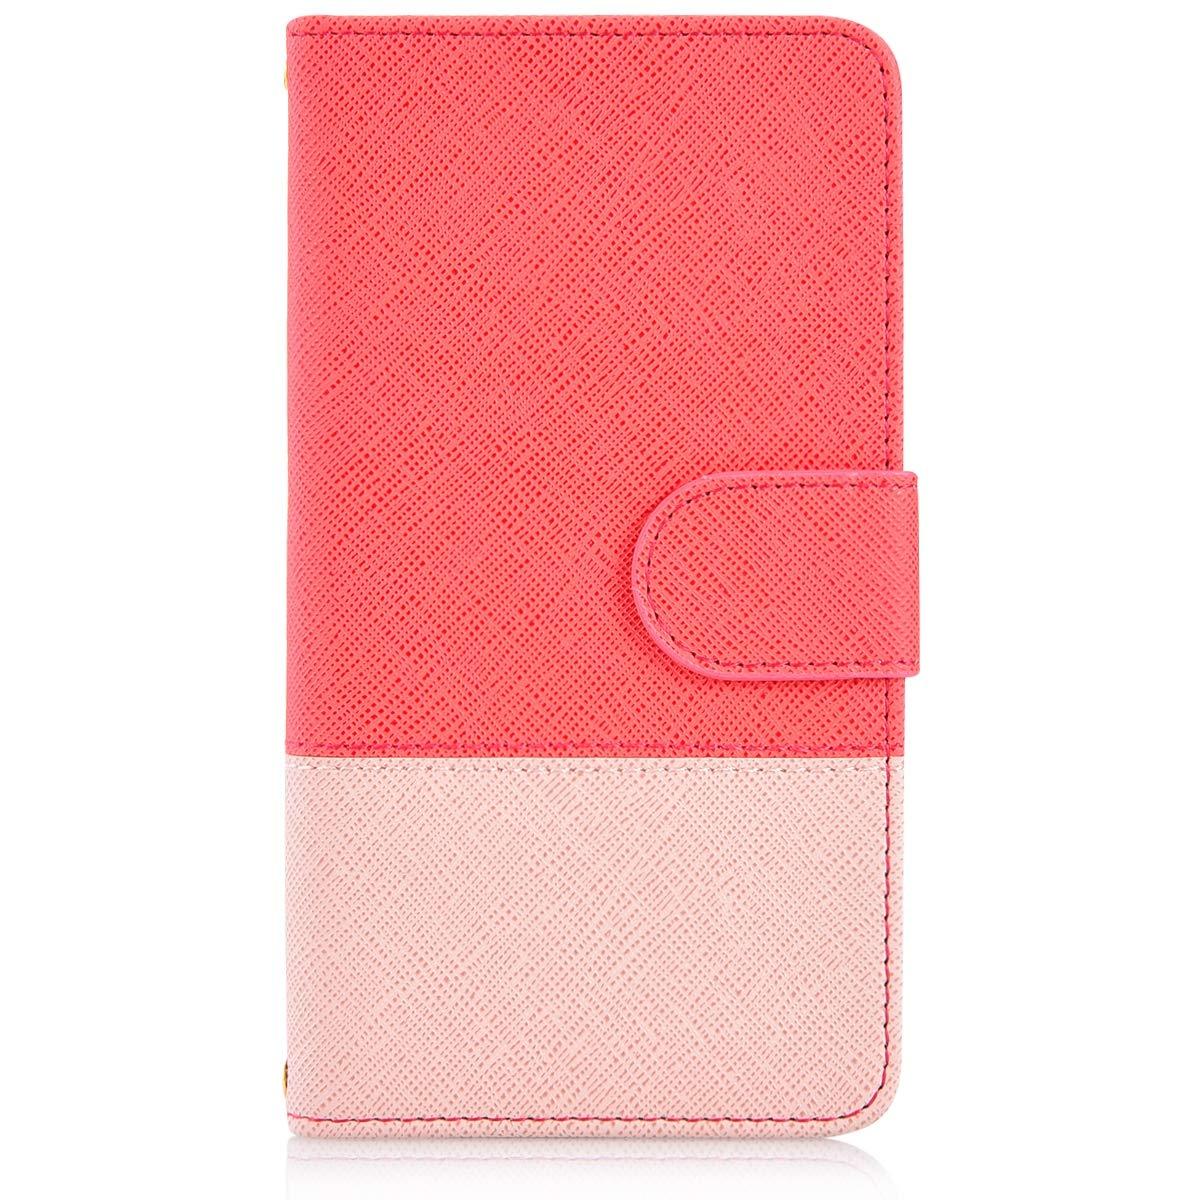 Gelb Felfy Kompatibel mit Huawei P20 Lite H/ülle Premium PU Leder Tasche Magnet Flip Case Creative Bunt Lederh/ülle im Bookstyle Handyh/ülle Brieftasche Cover mit Kartenf/ächer Standfunktion